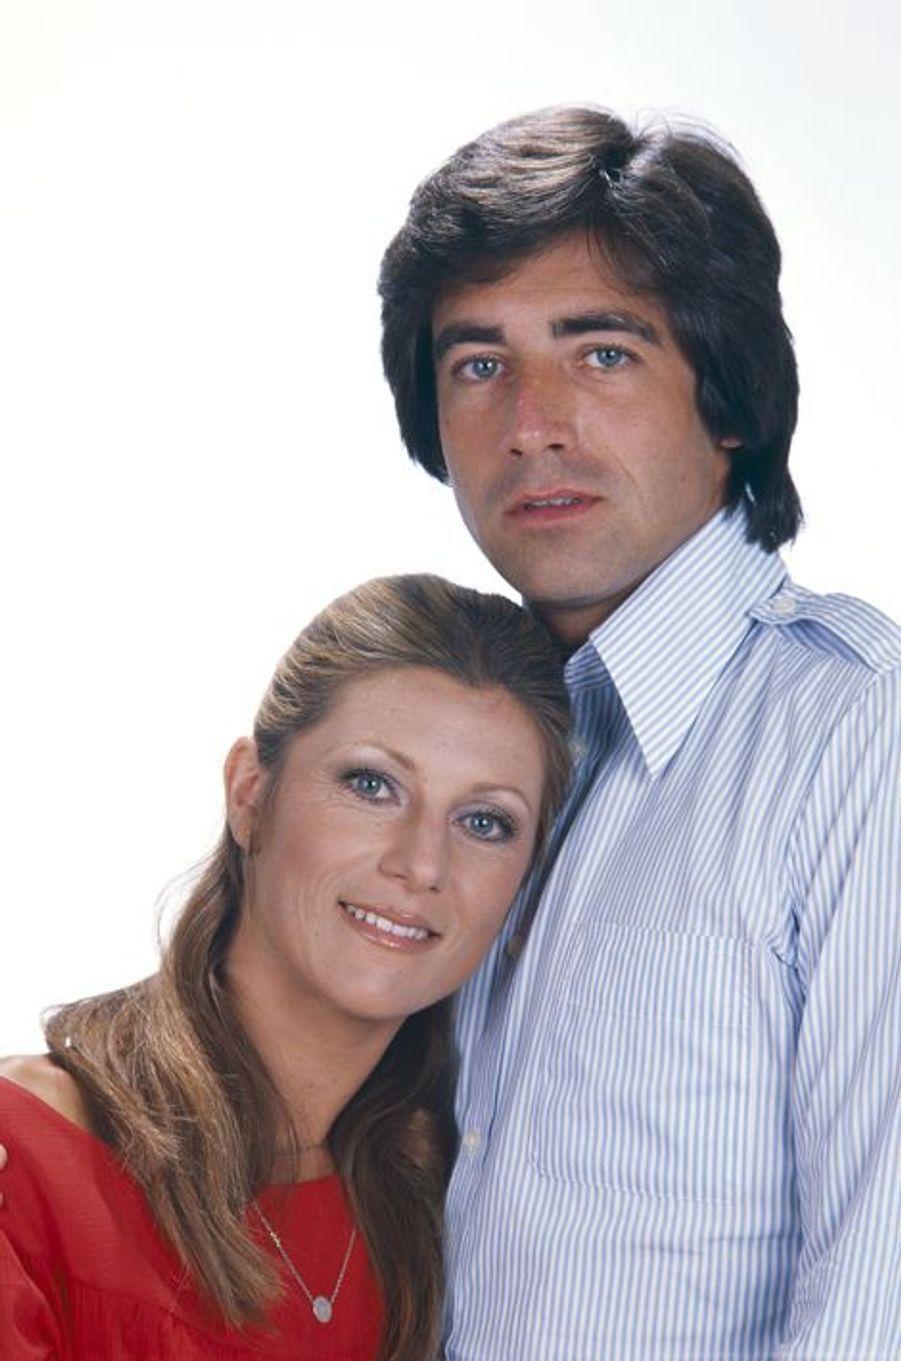 La tête posée sur son mari Ringo. Ici en 1977